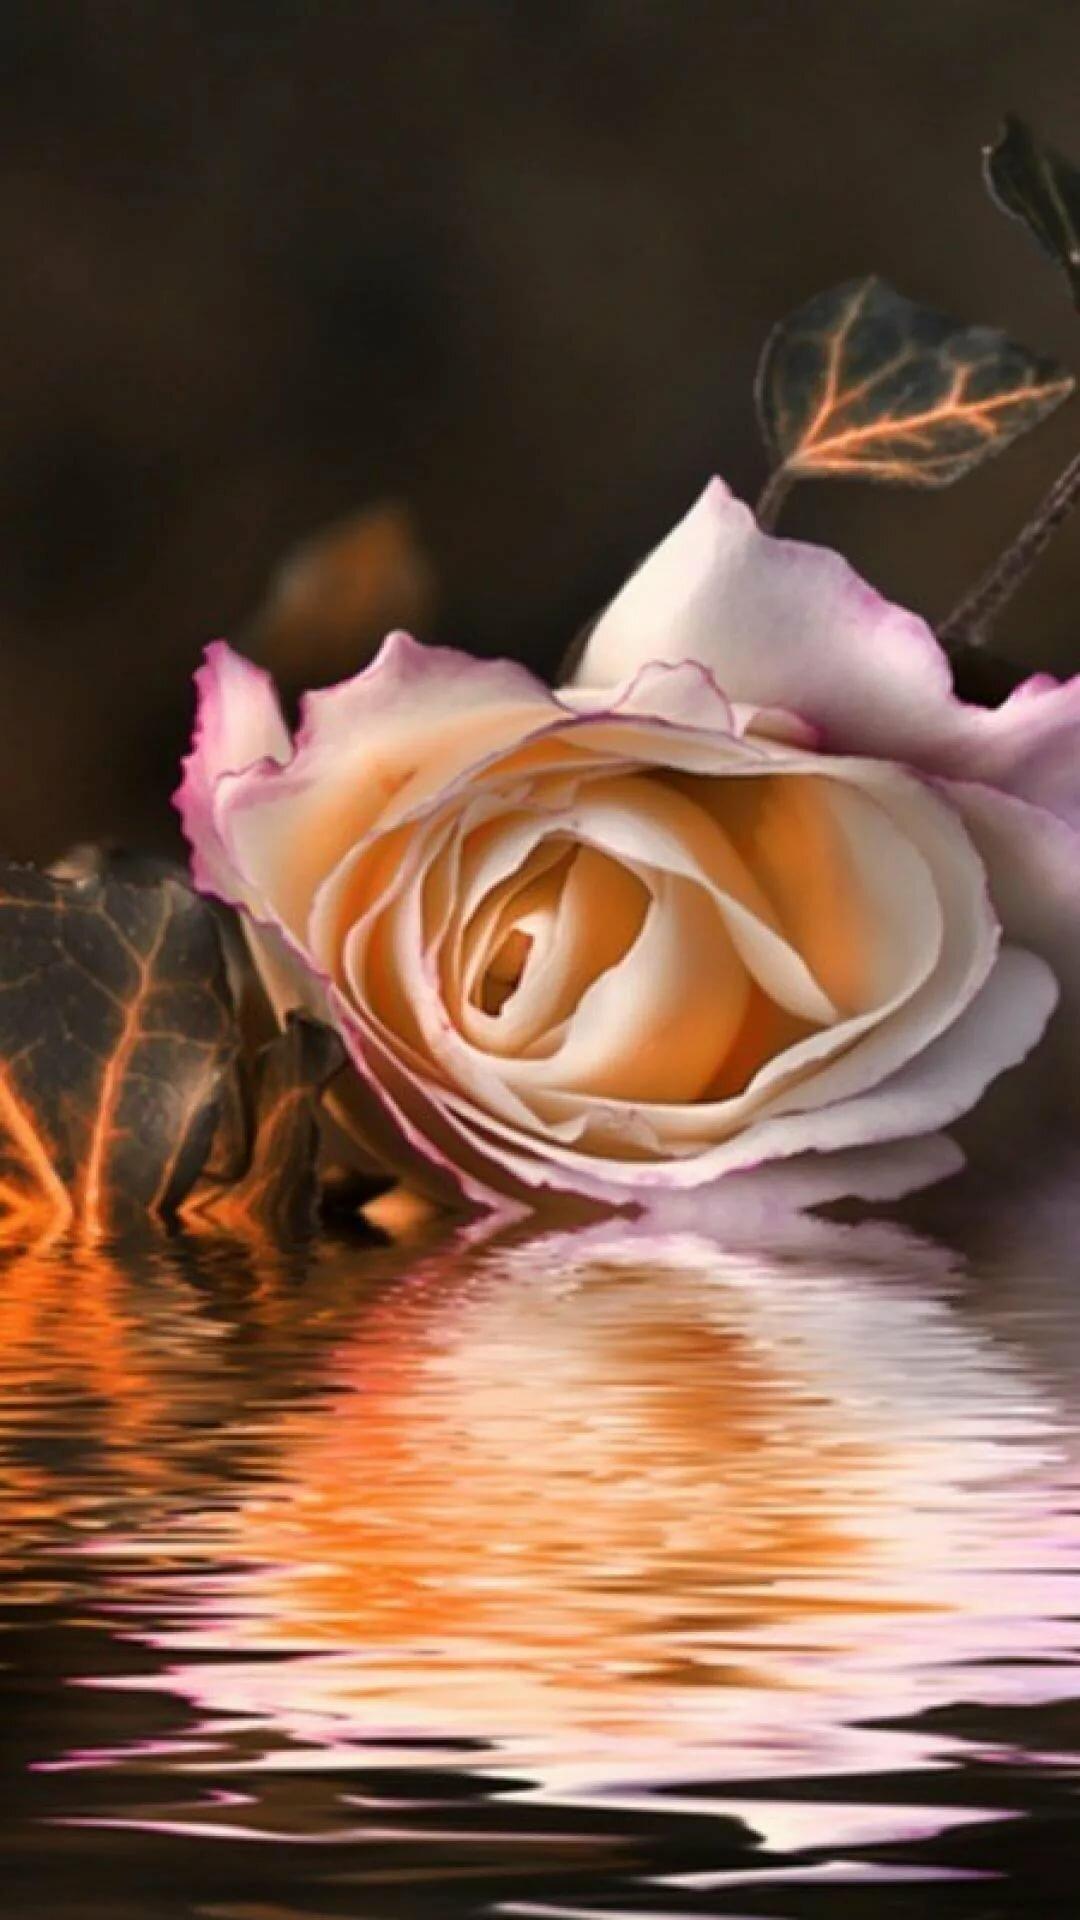 Роза на воде картинка